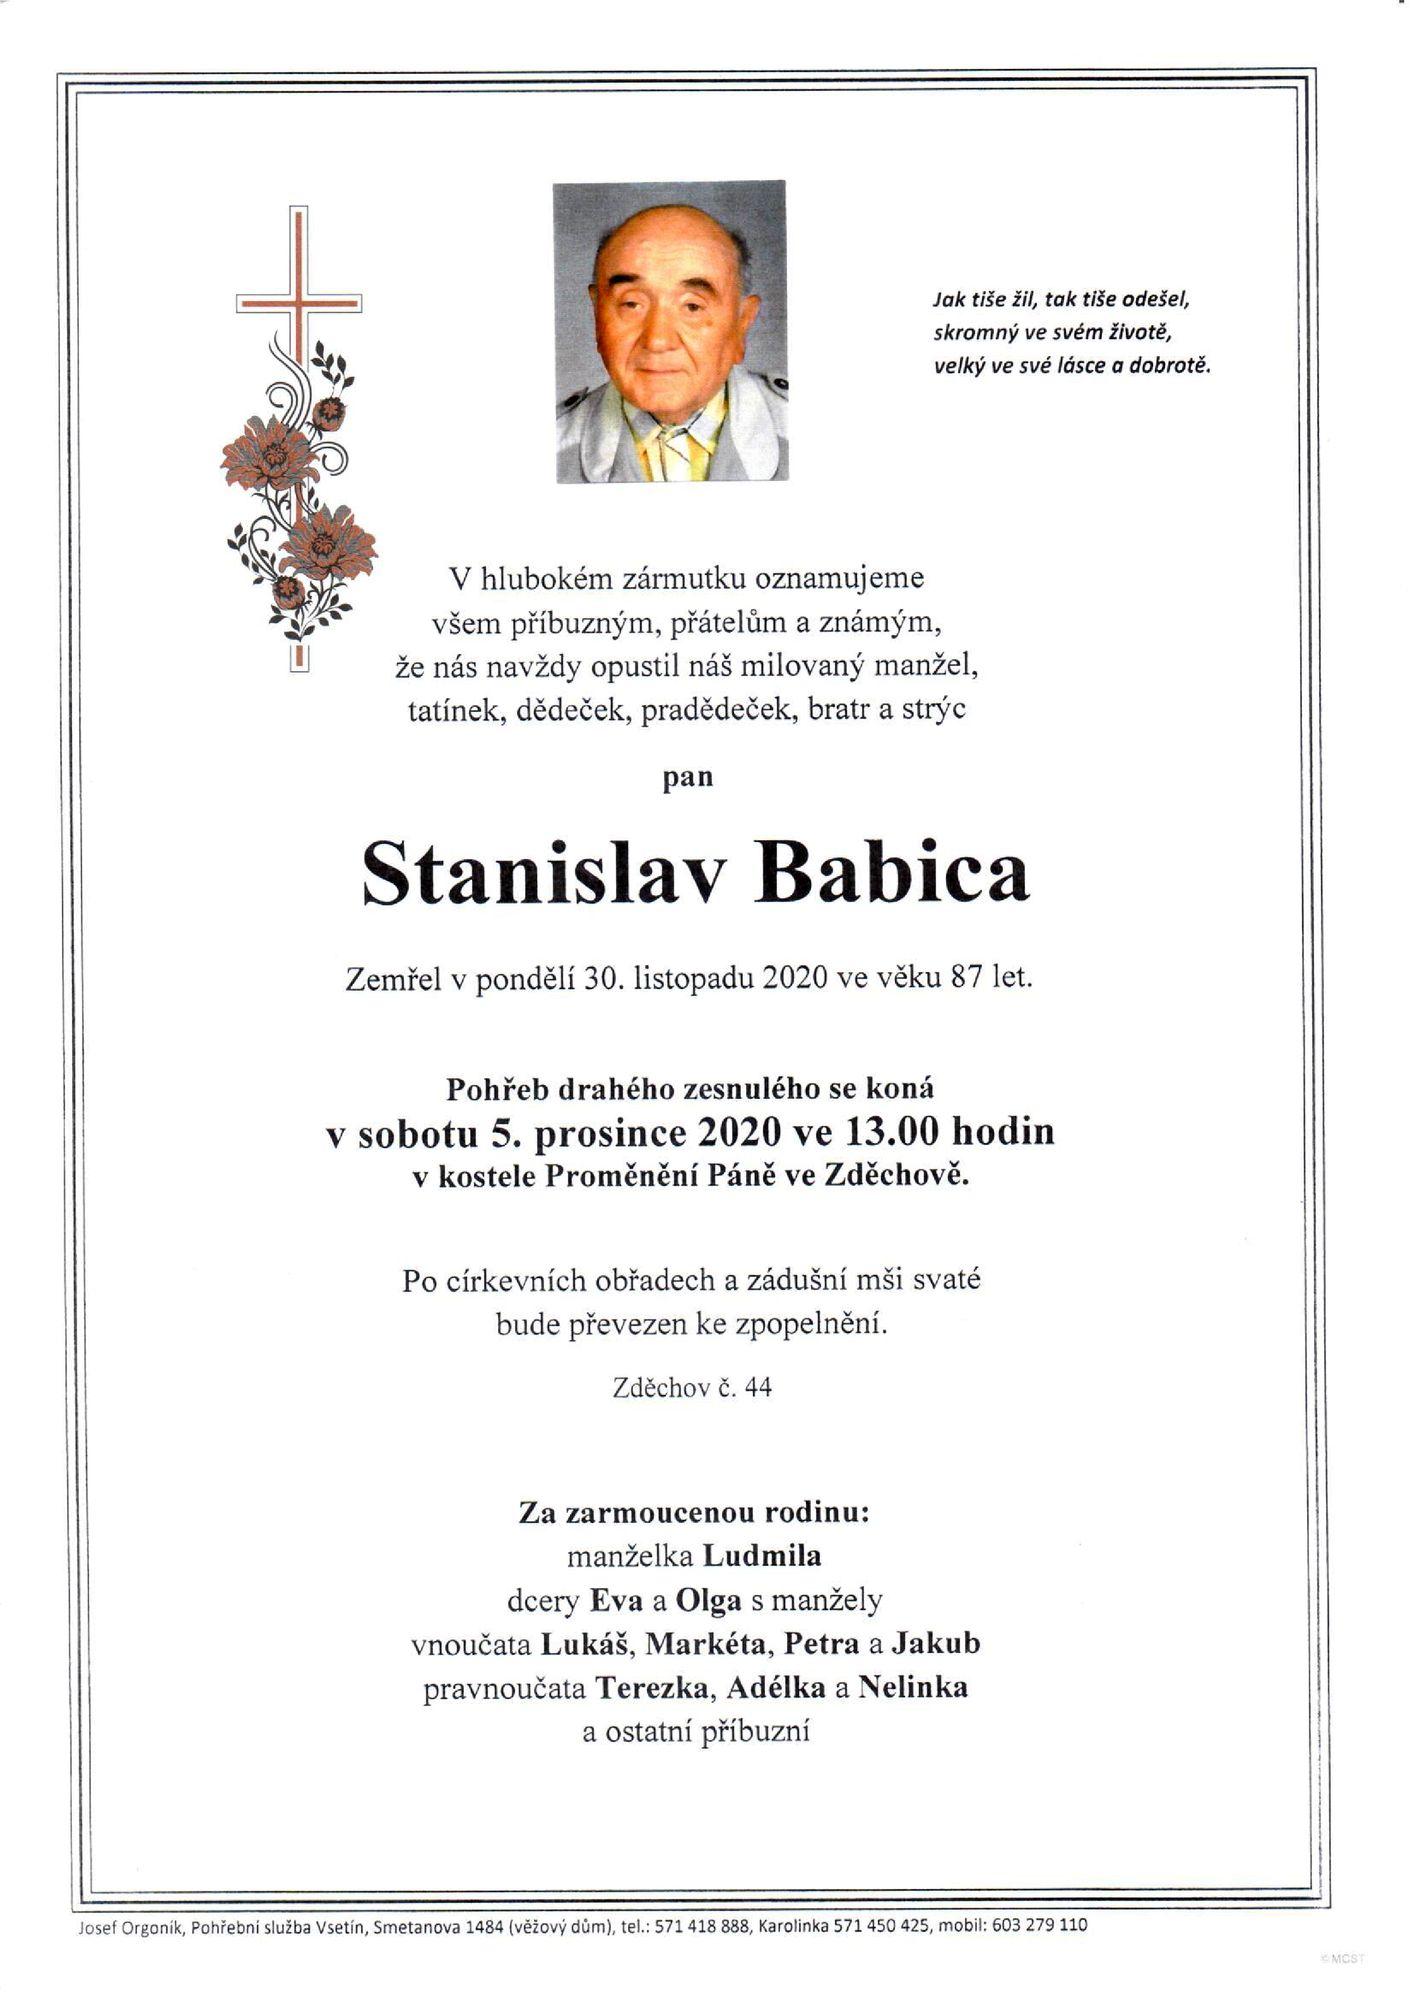 Stanislav Babica